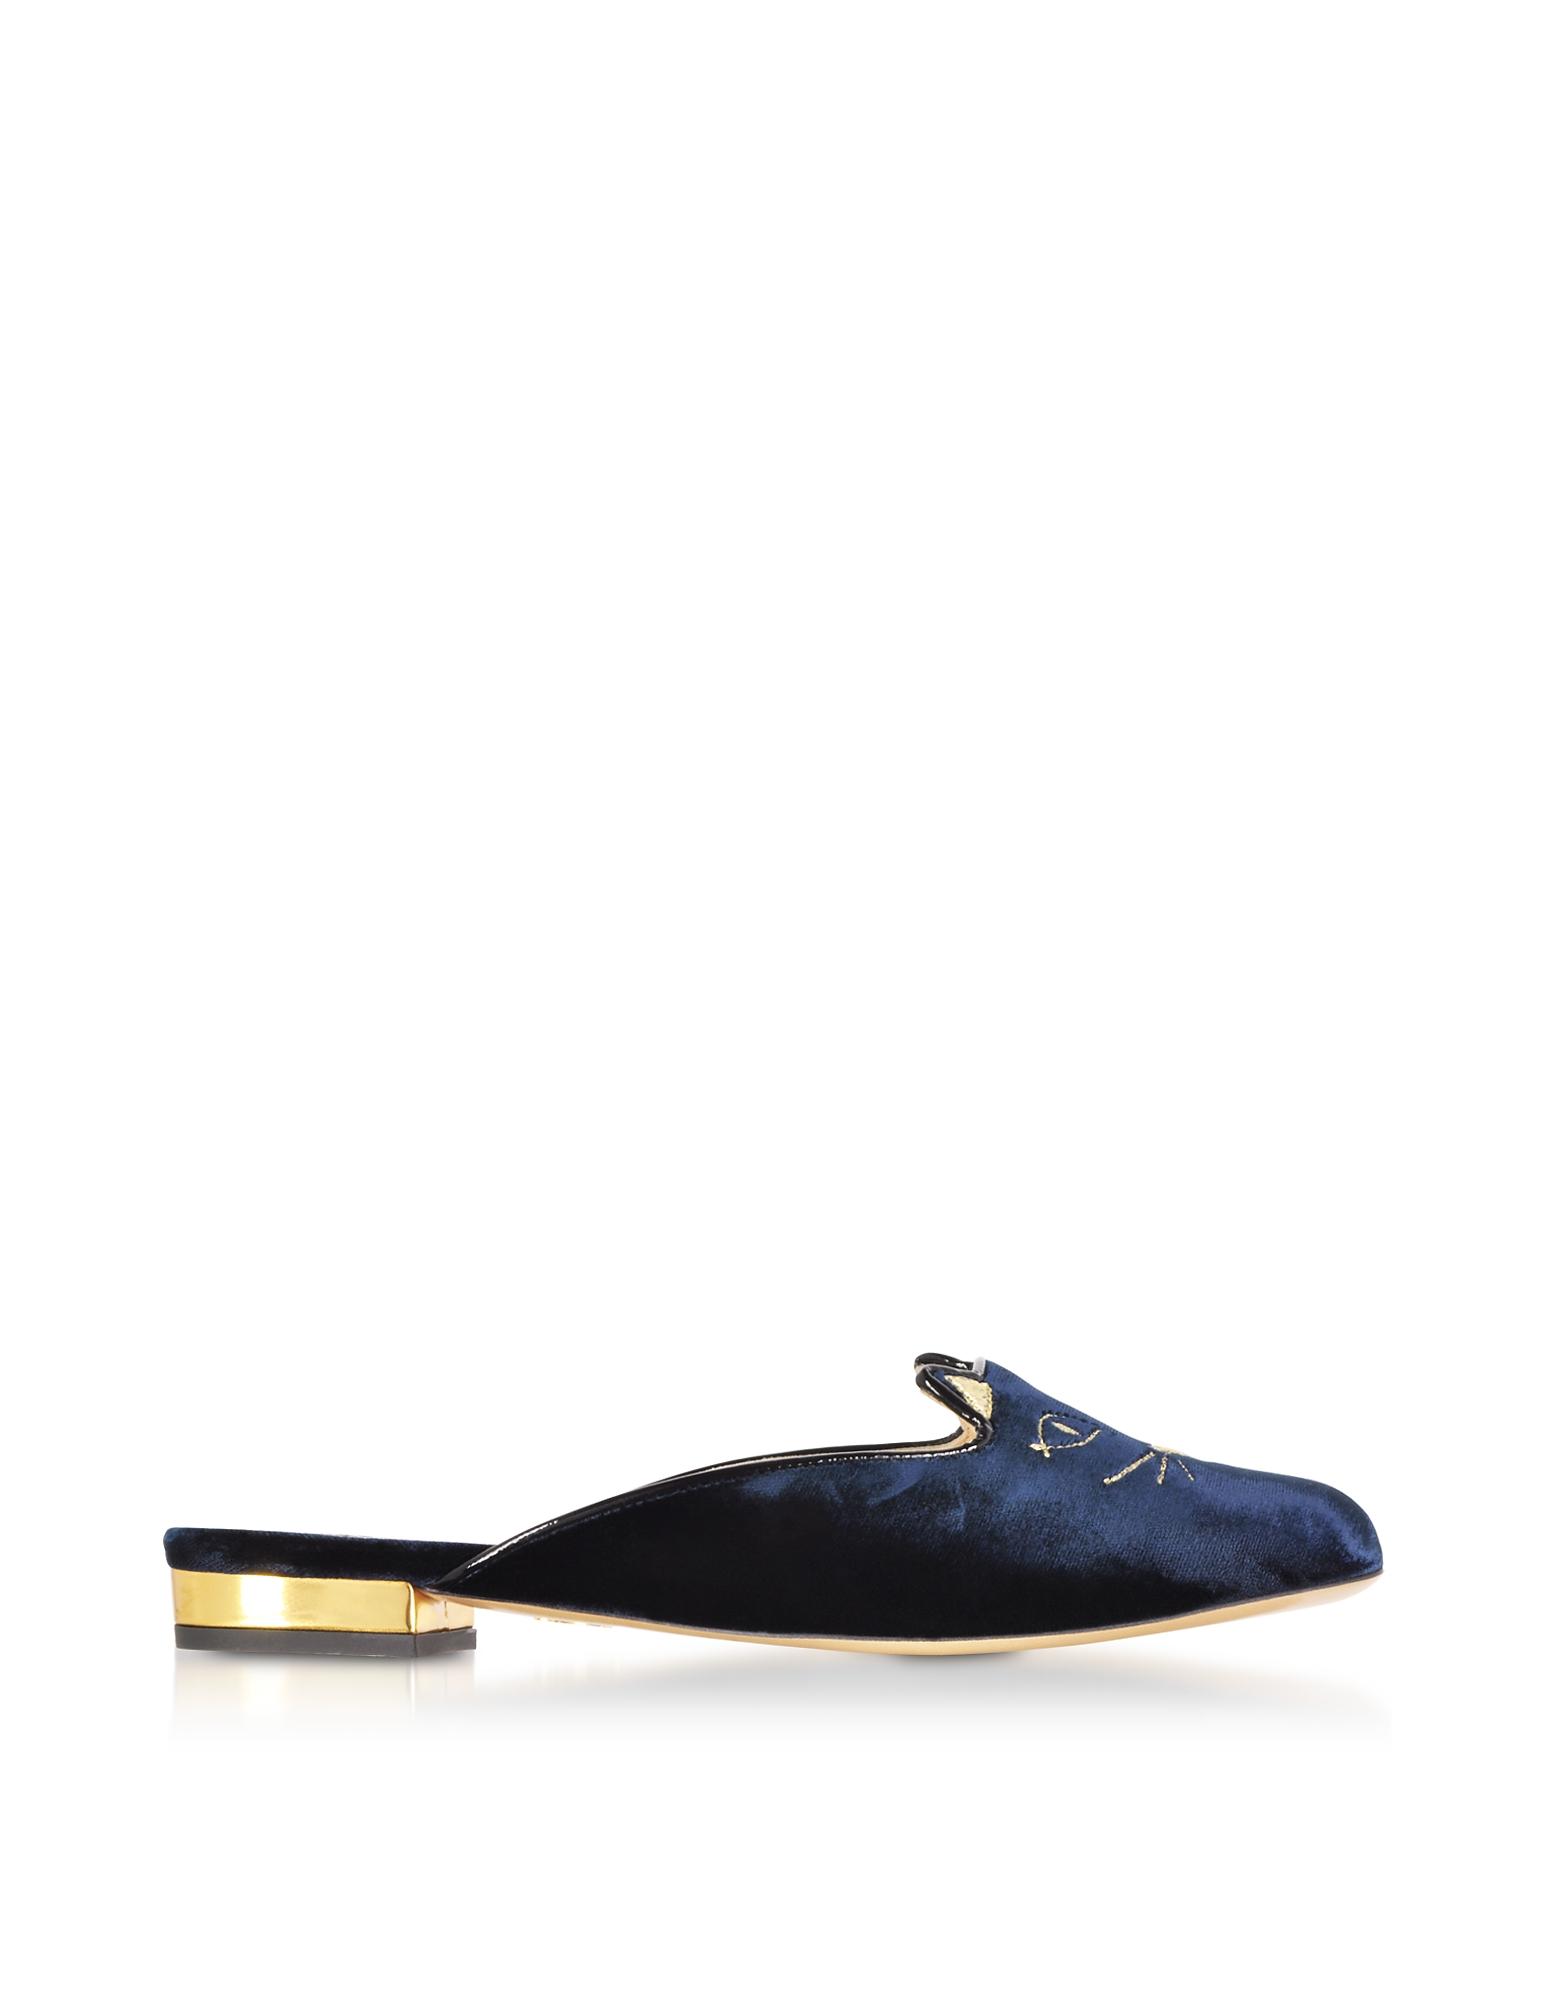 Charlotte Olympia Shoes, Navy Blue Velvet Kitty Slippers